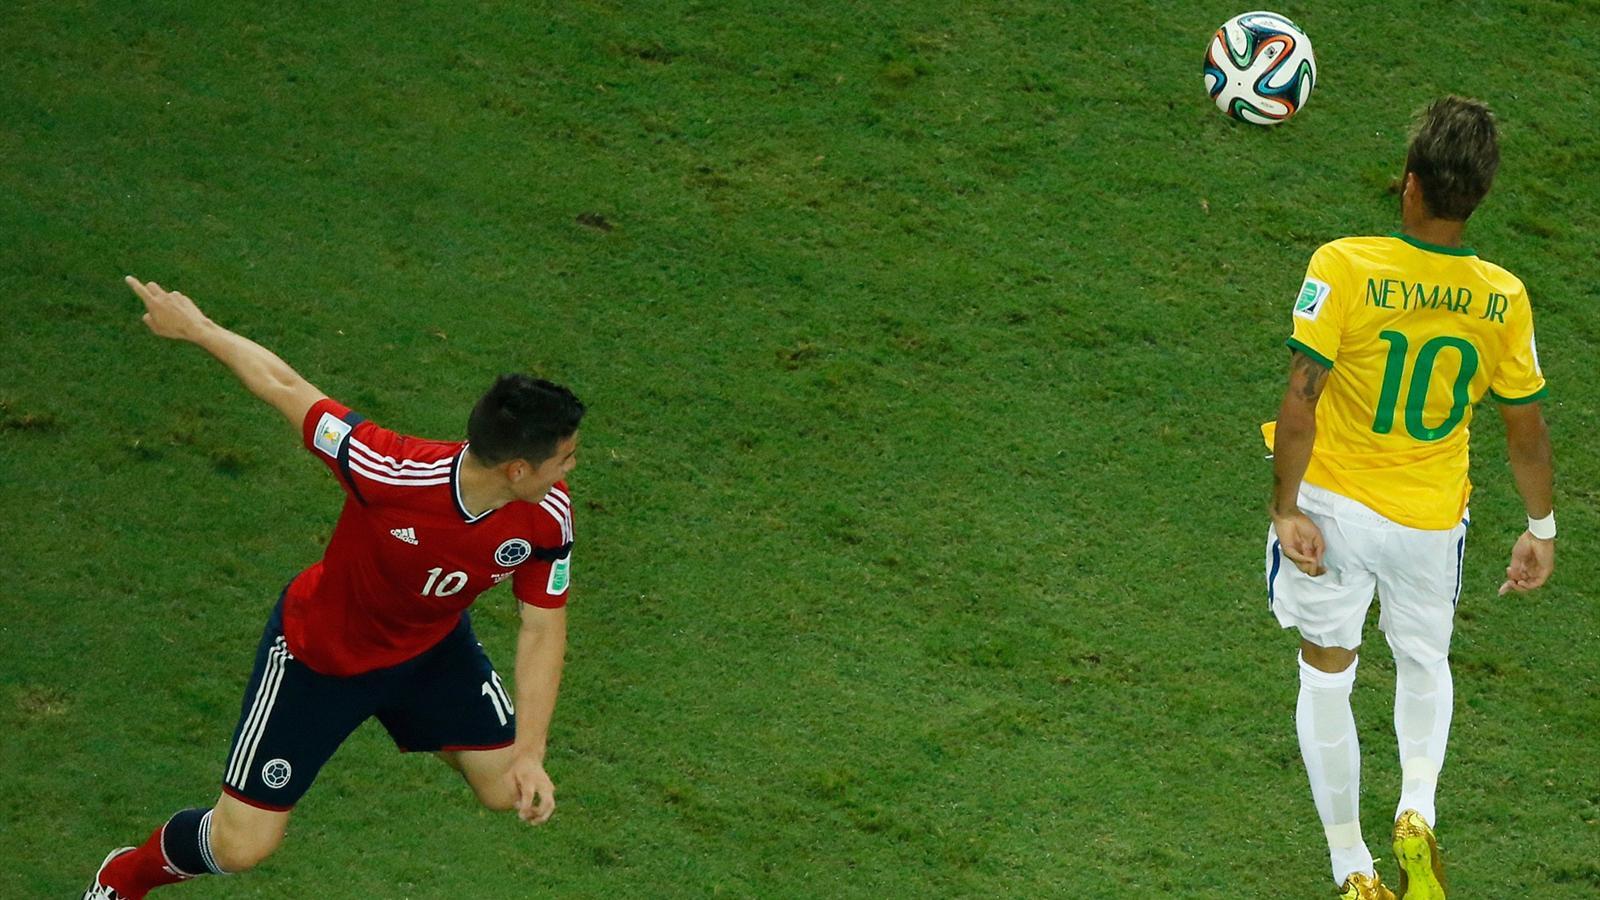 Coupe du monde 2014 et les 10 joueurs nomm s pour le titre de ballon d 39 or de la comp tition - Coupe du monde espagne 2014 ...